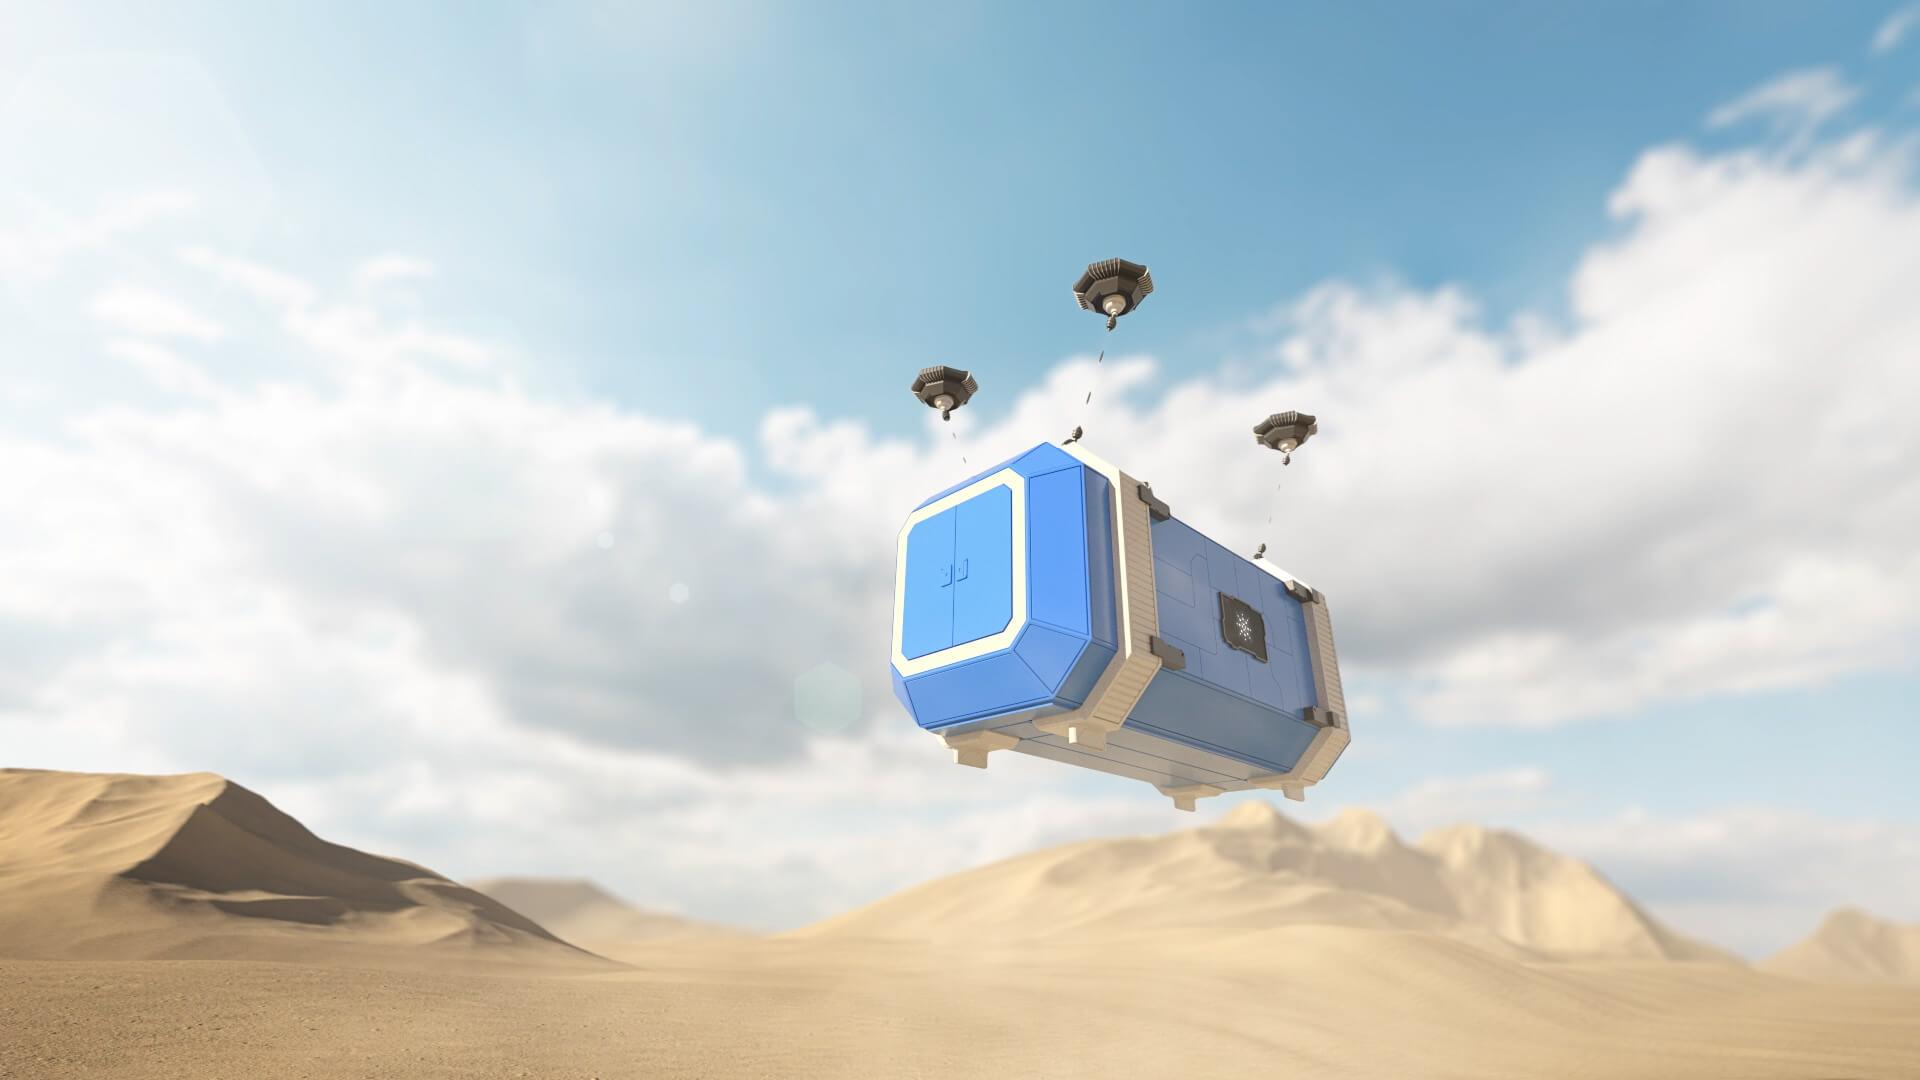 Futuristic 3D container